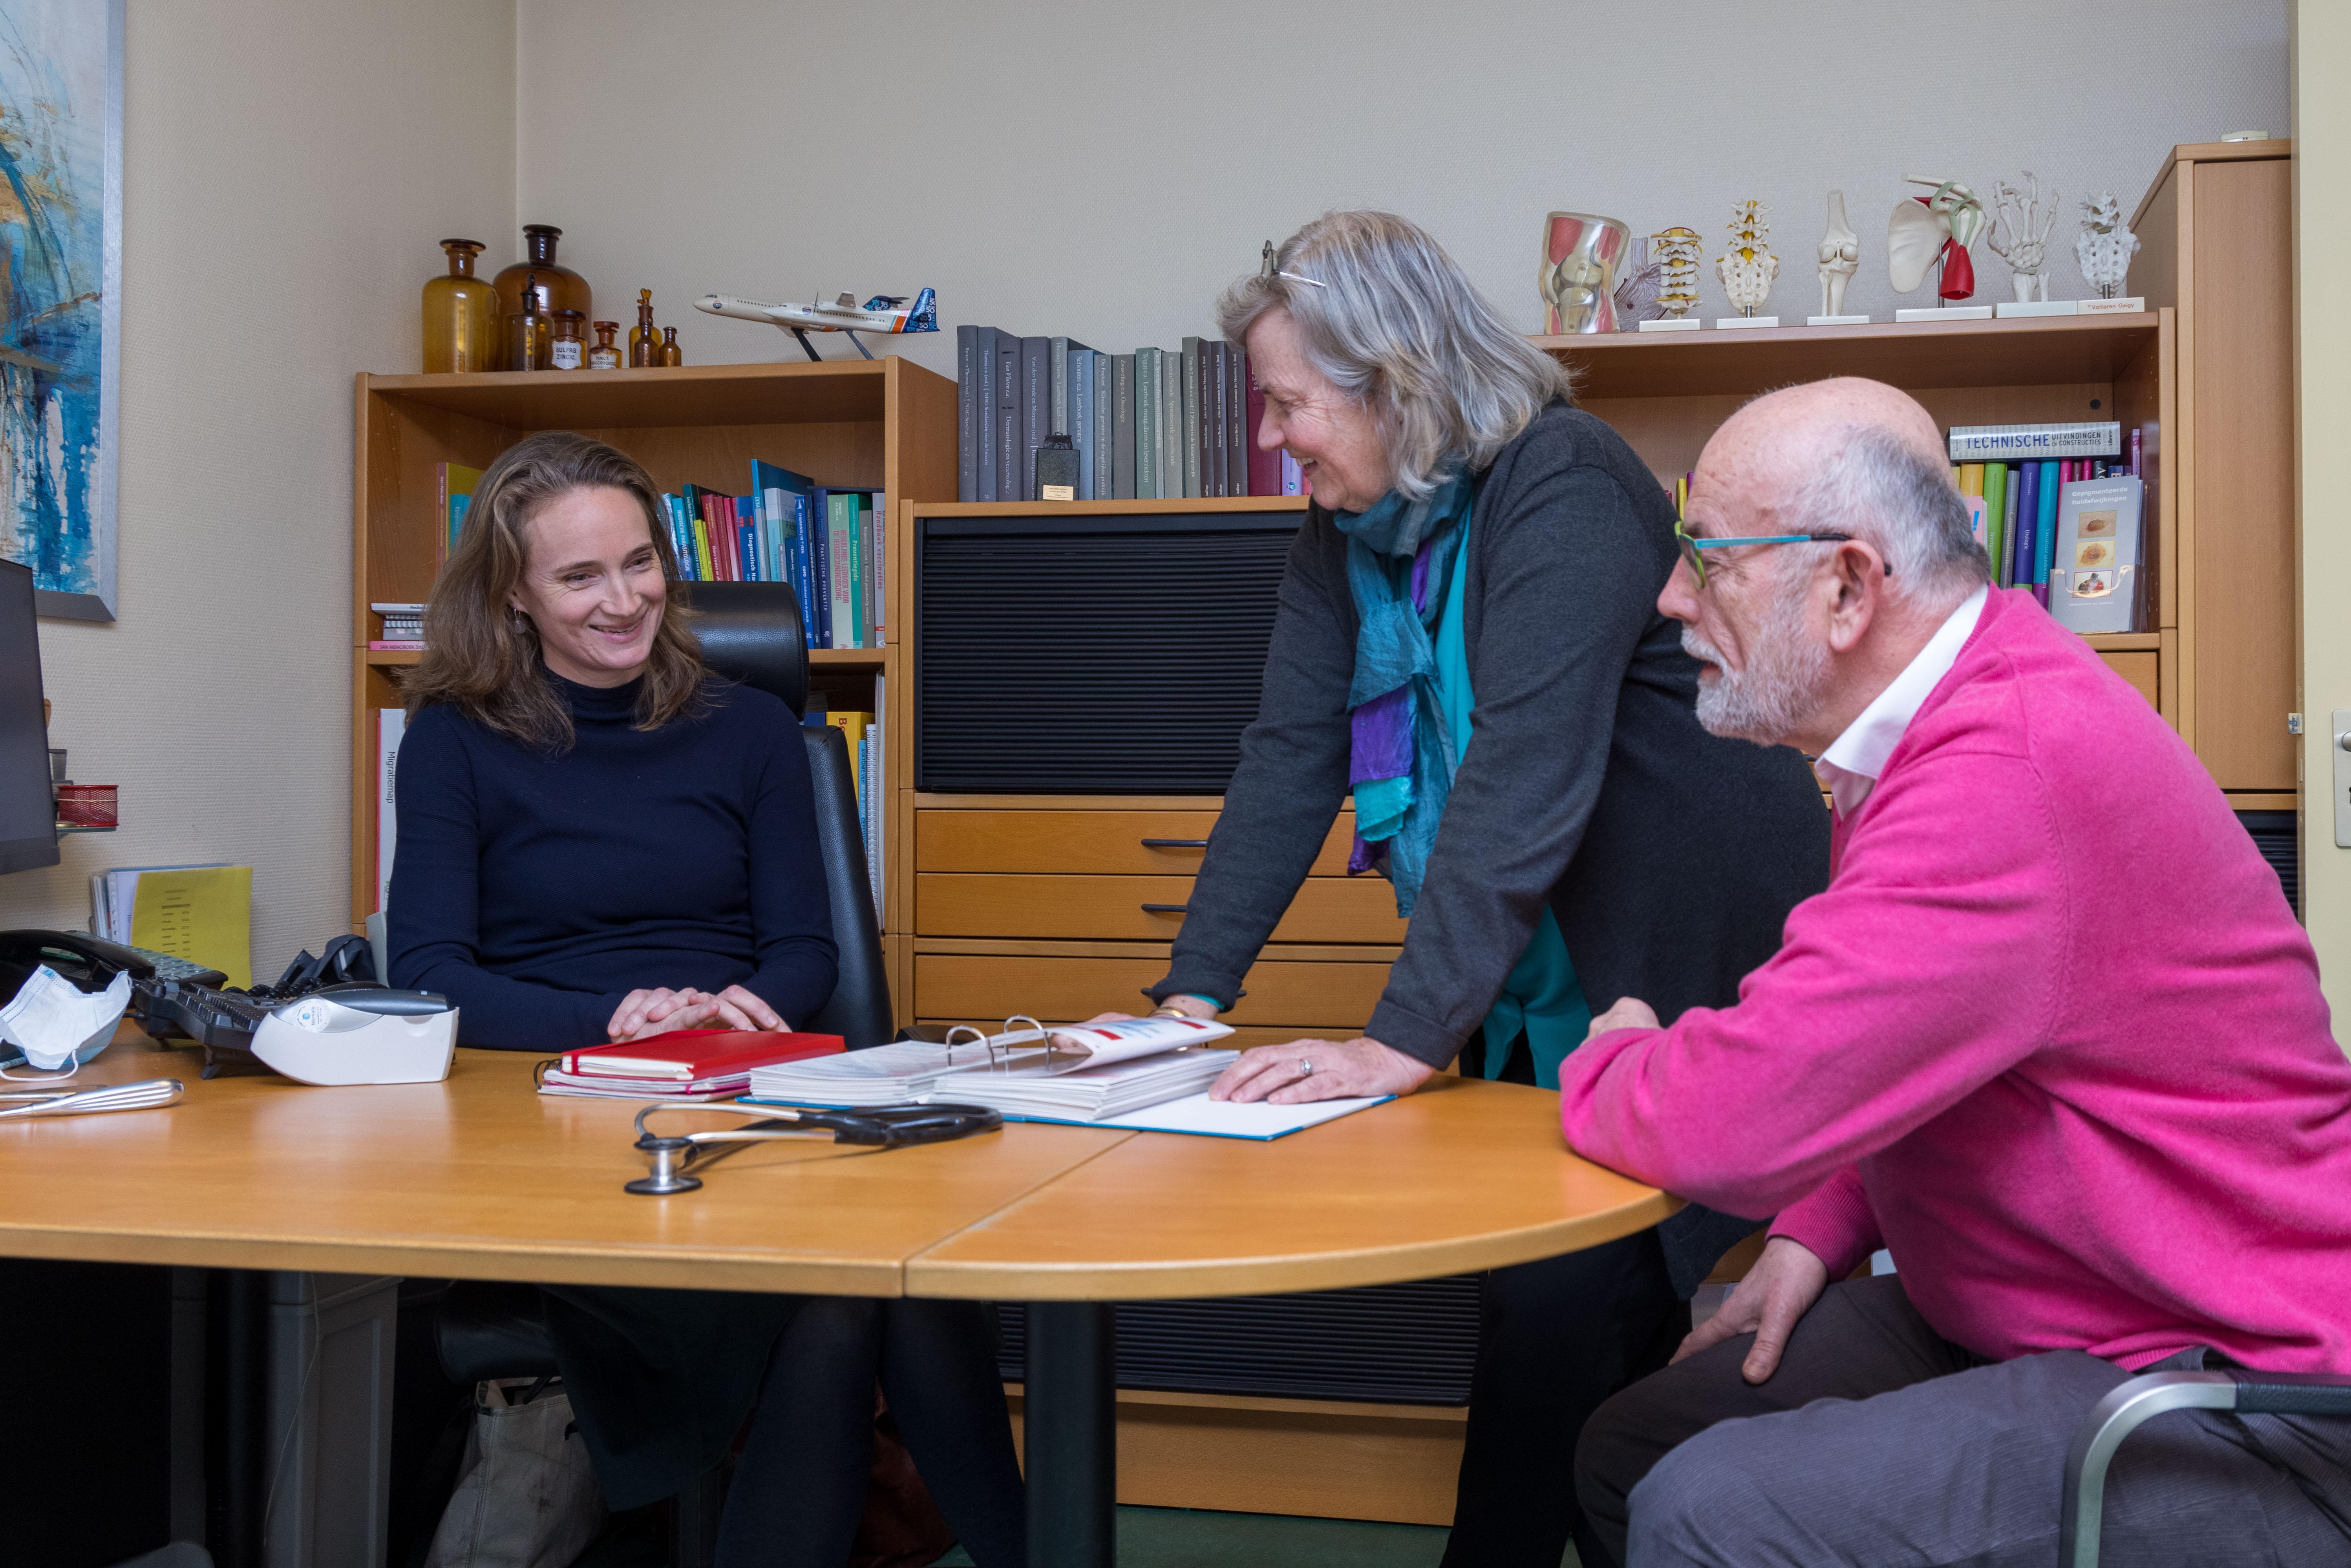 Huisartsenechtpaar Jan Sturris en Hanne Bergmeijer uit Berkhout stopt na 27 jaar: 'Misschien kunnen we nog helpen bij de vaccinaties tegen corona. Je bent en blijft arts'